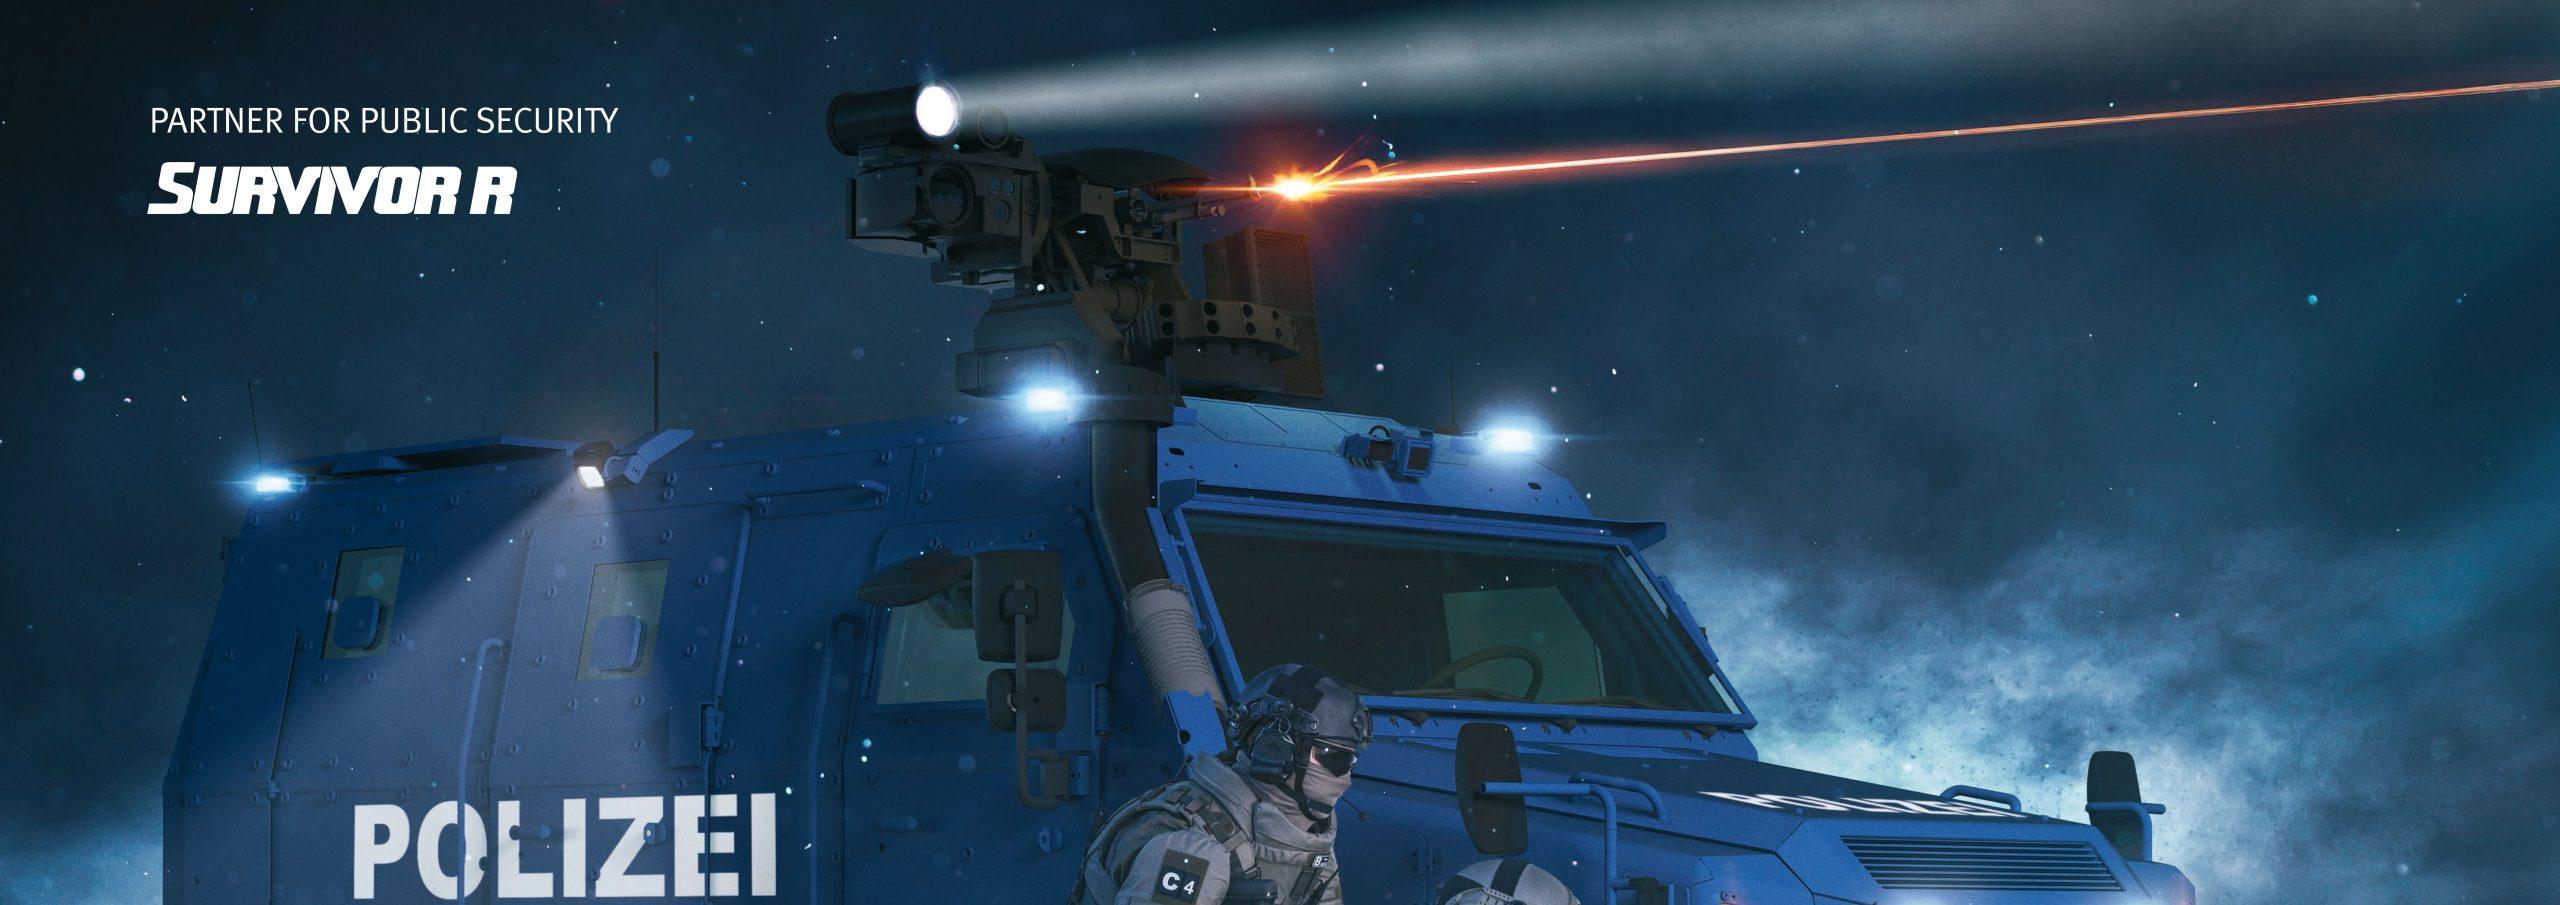 AHD M-215X auf Rheinmetall Survivor R für Polizei